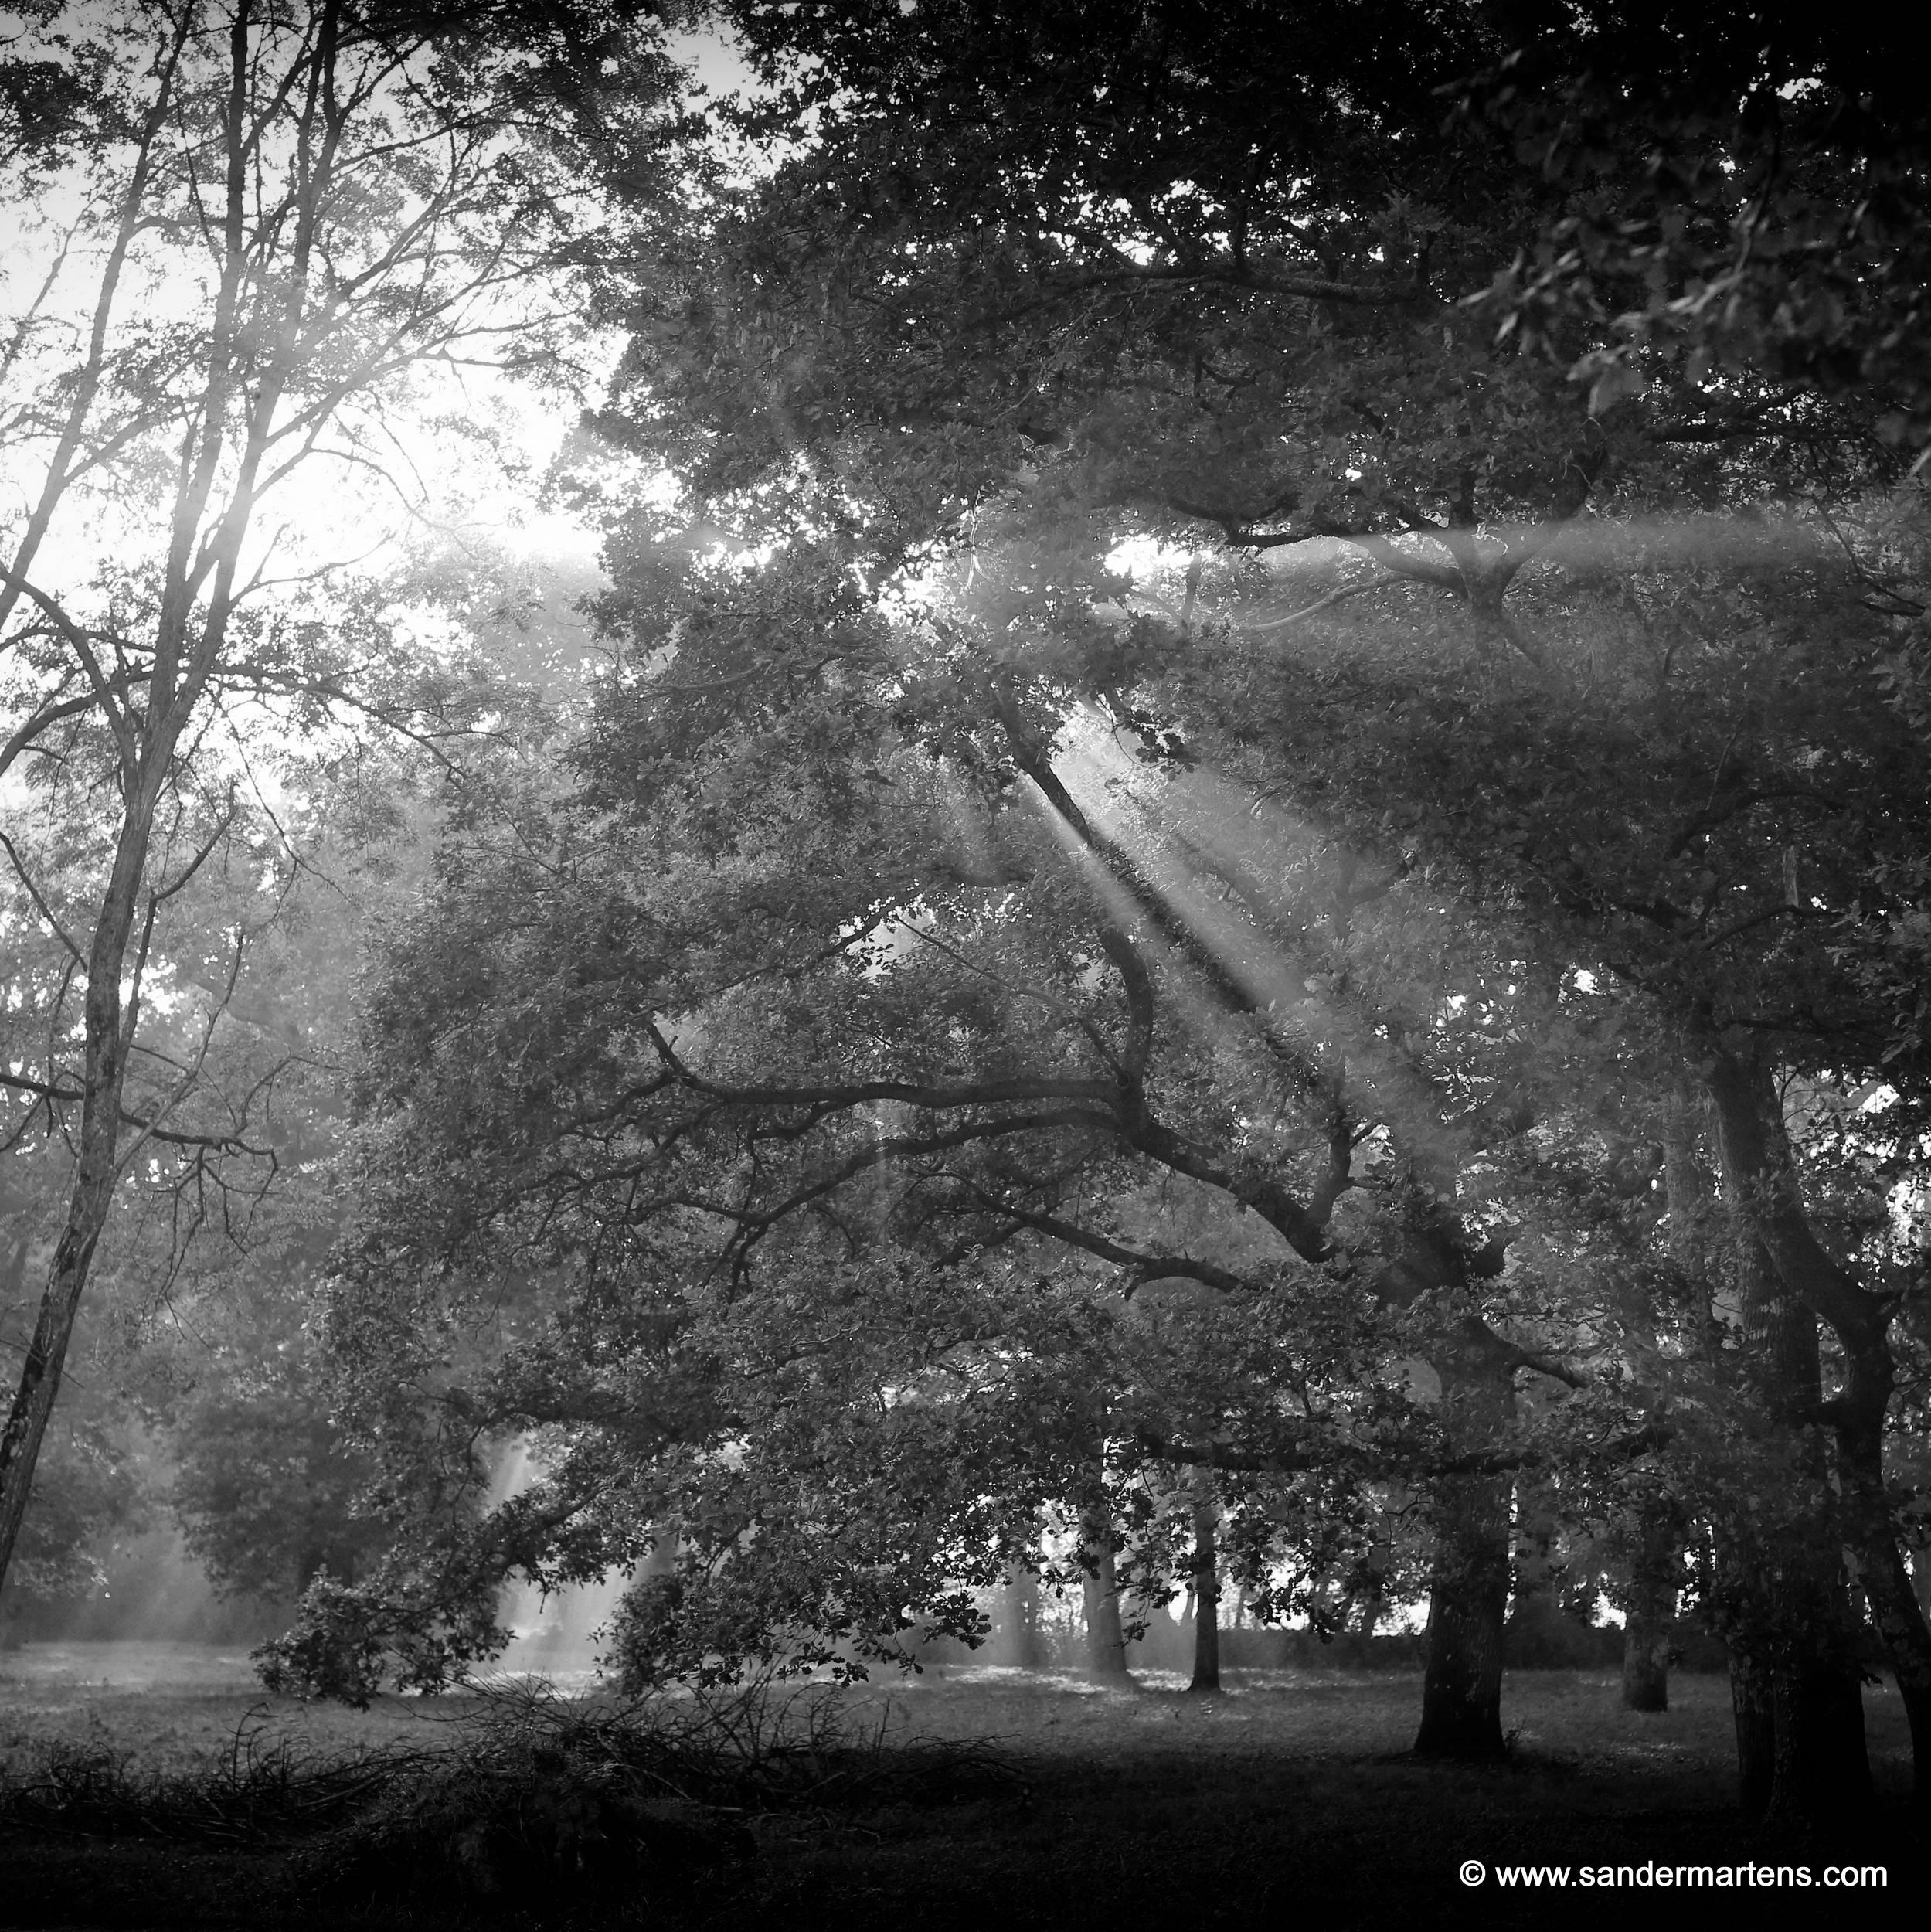 2. Alles draait om licht - Eigenlijk draait alles in de fotografie om licht. Dàt bepaalt meestal of een mooie foto ook echt goed is. Niet alleen is dat een kwestie van goed kijken, timing, en positie kiezen, maar ook de regie hebben over je eigen camera. Jij maakt de foto, niet de camera!